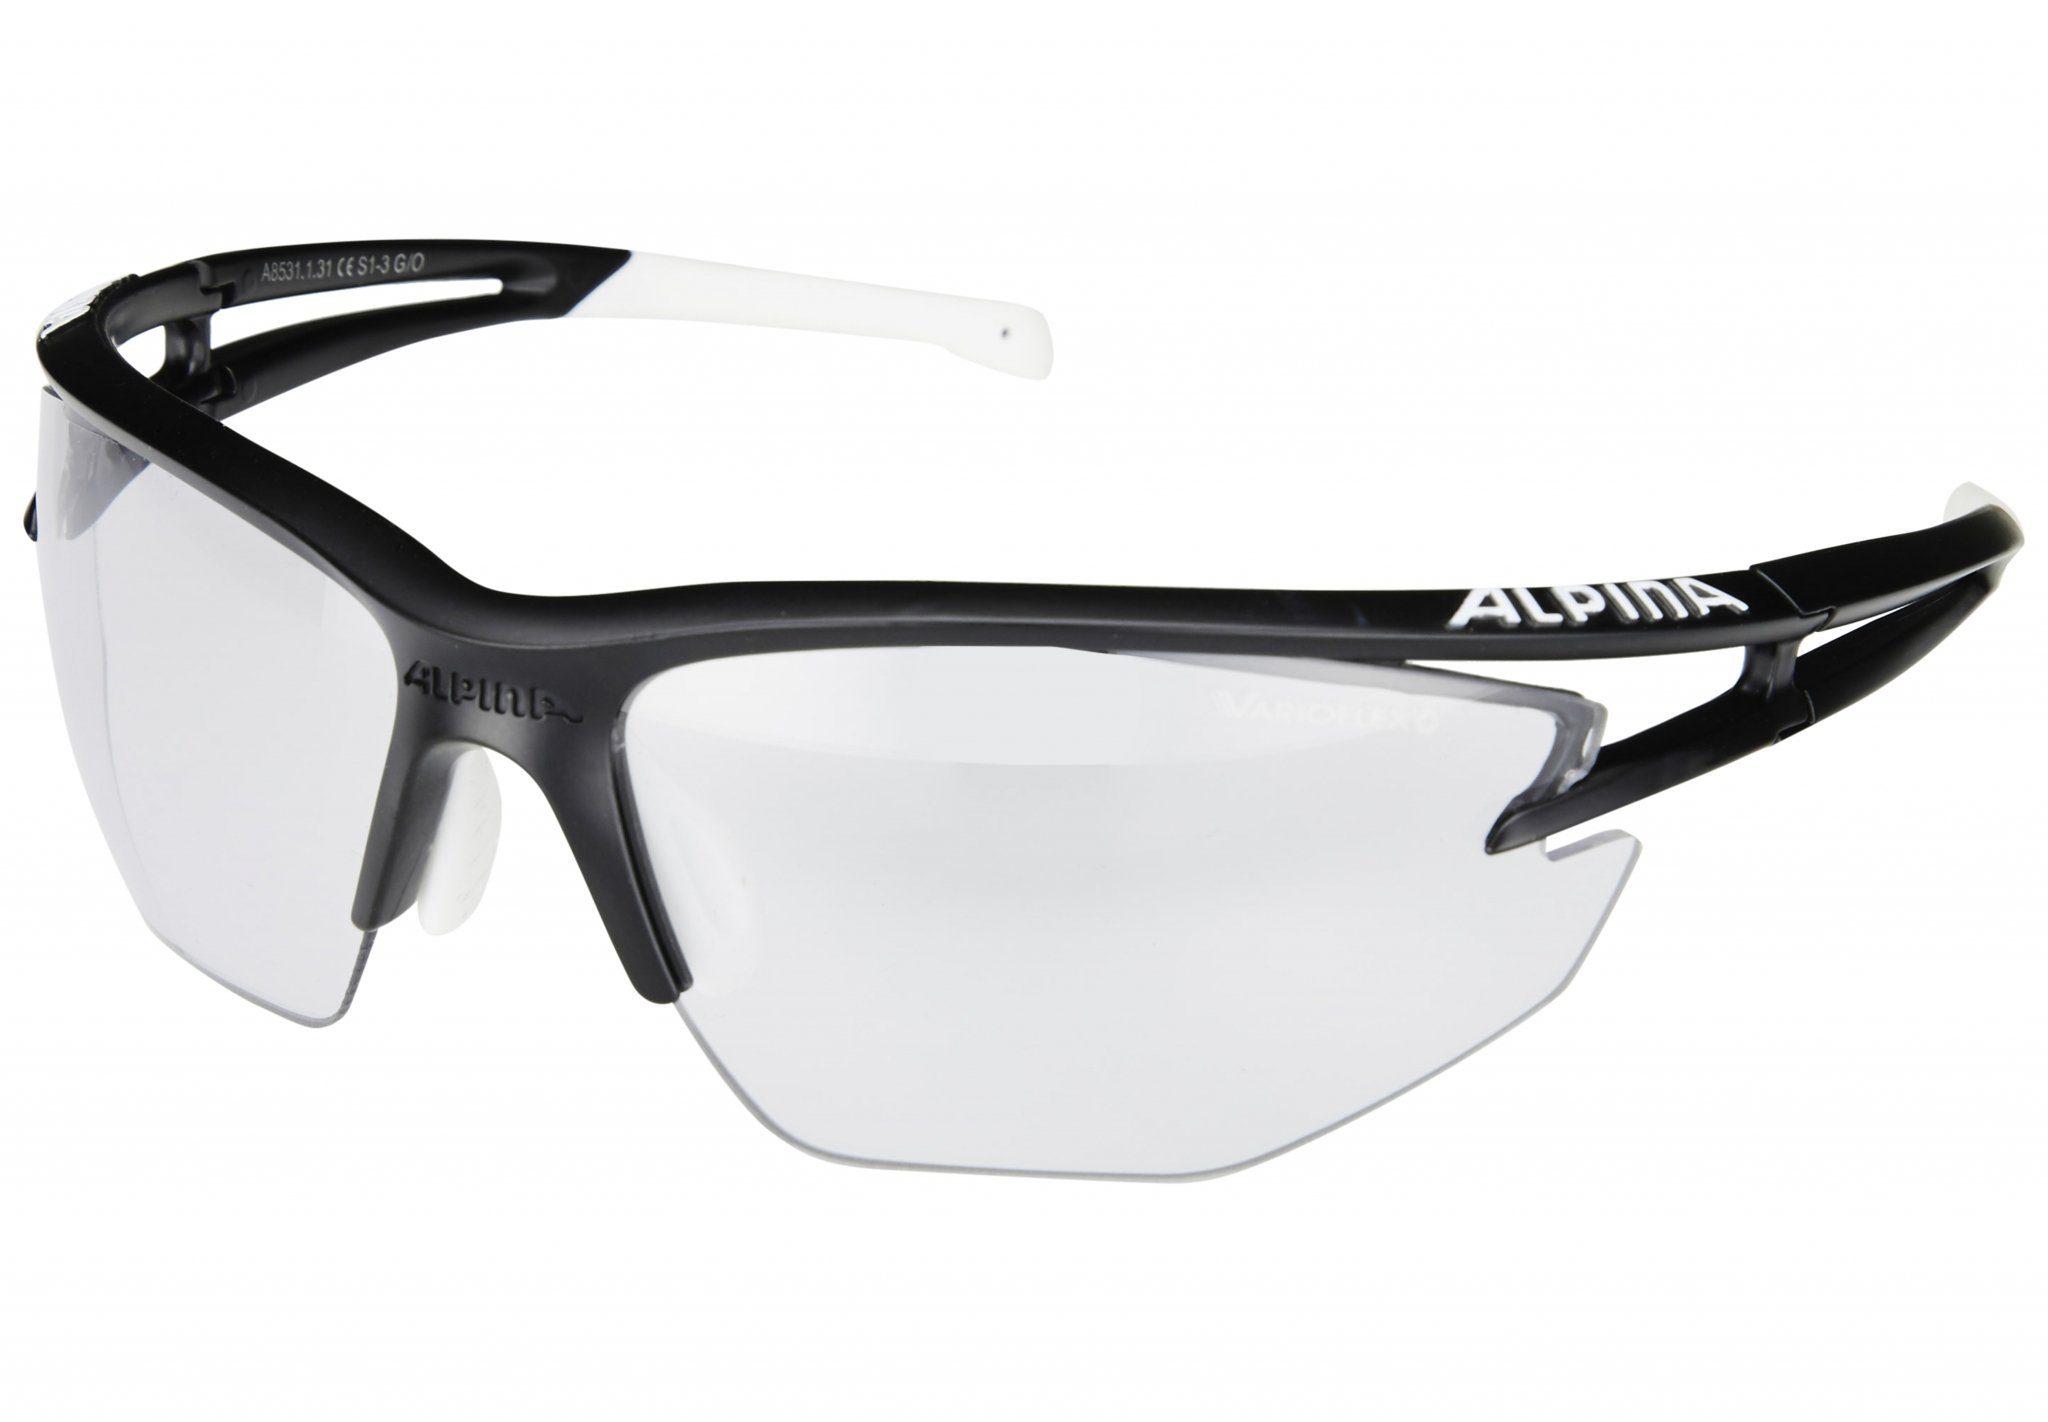 Alpina Radsportbrille »Eye-5 HR VL+«